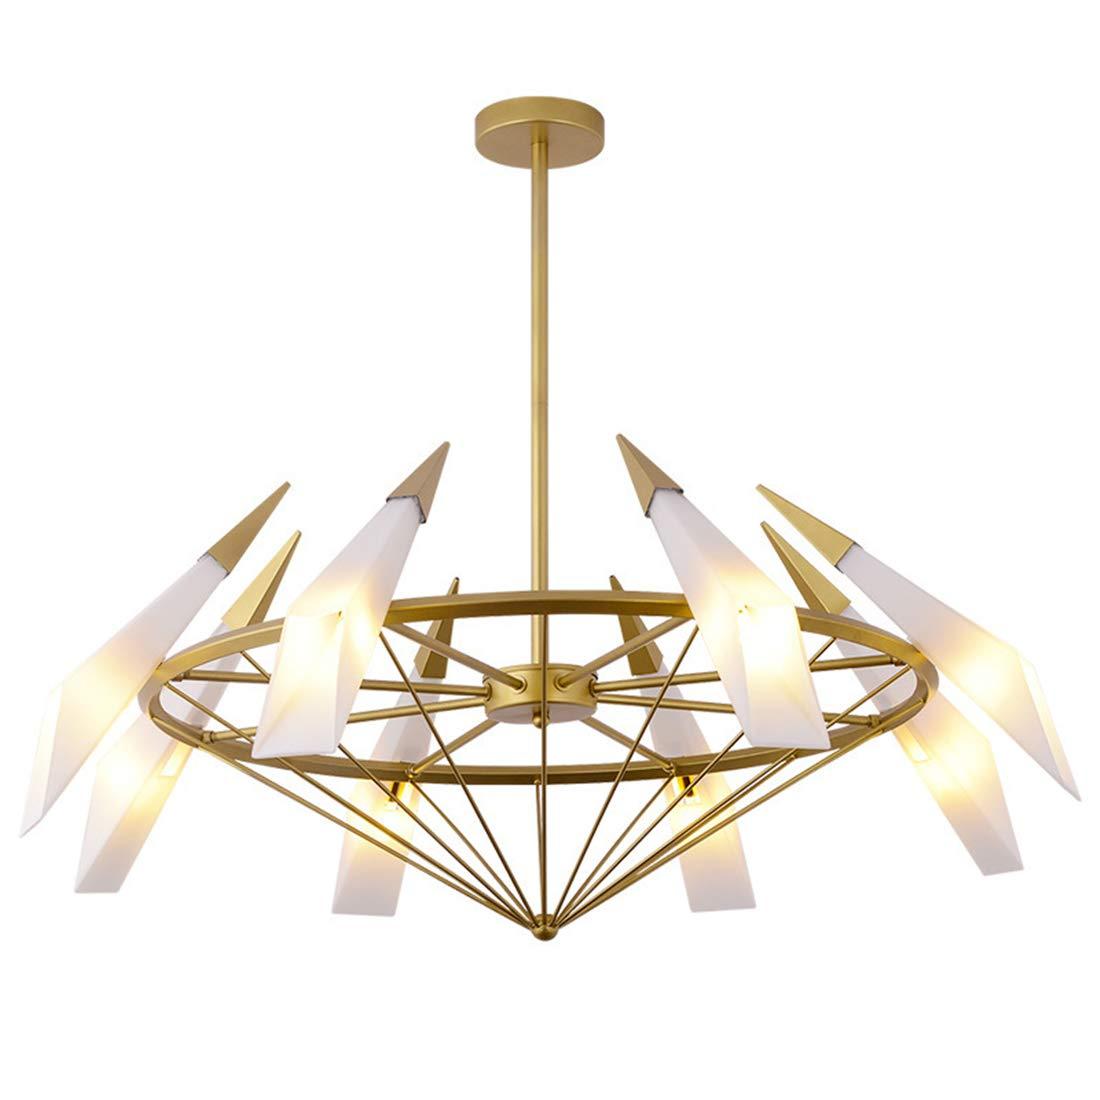 Zceillamp Diseño Moderno de Cono LED Luces de Techo Lámpara ...